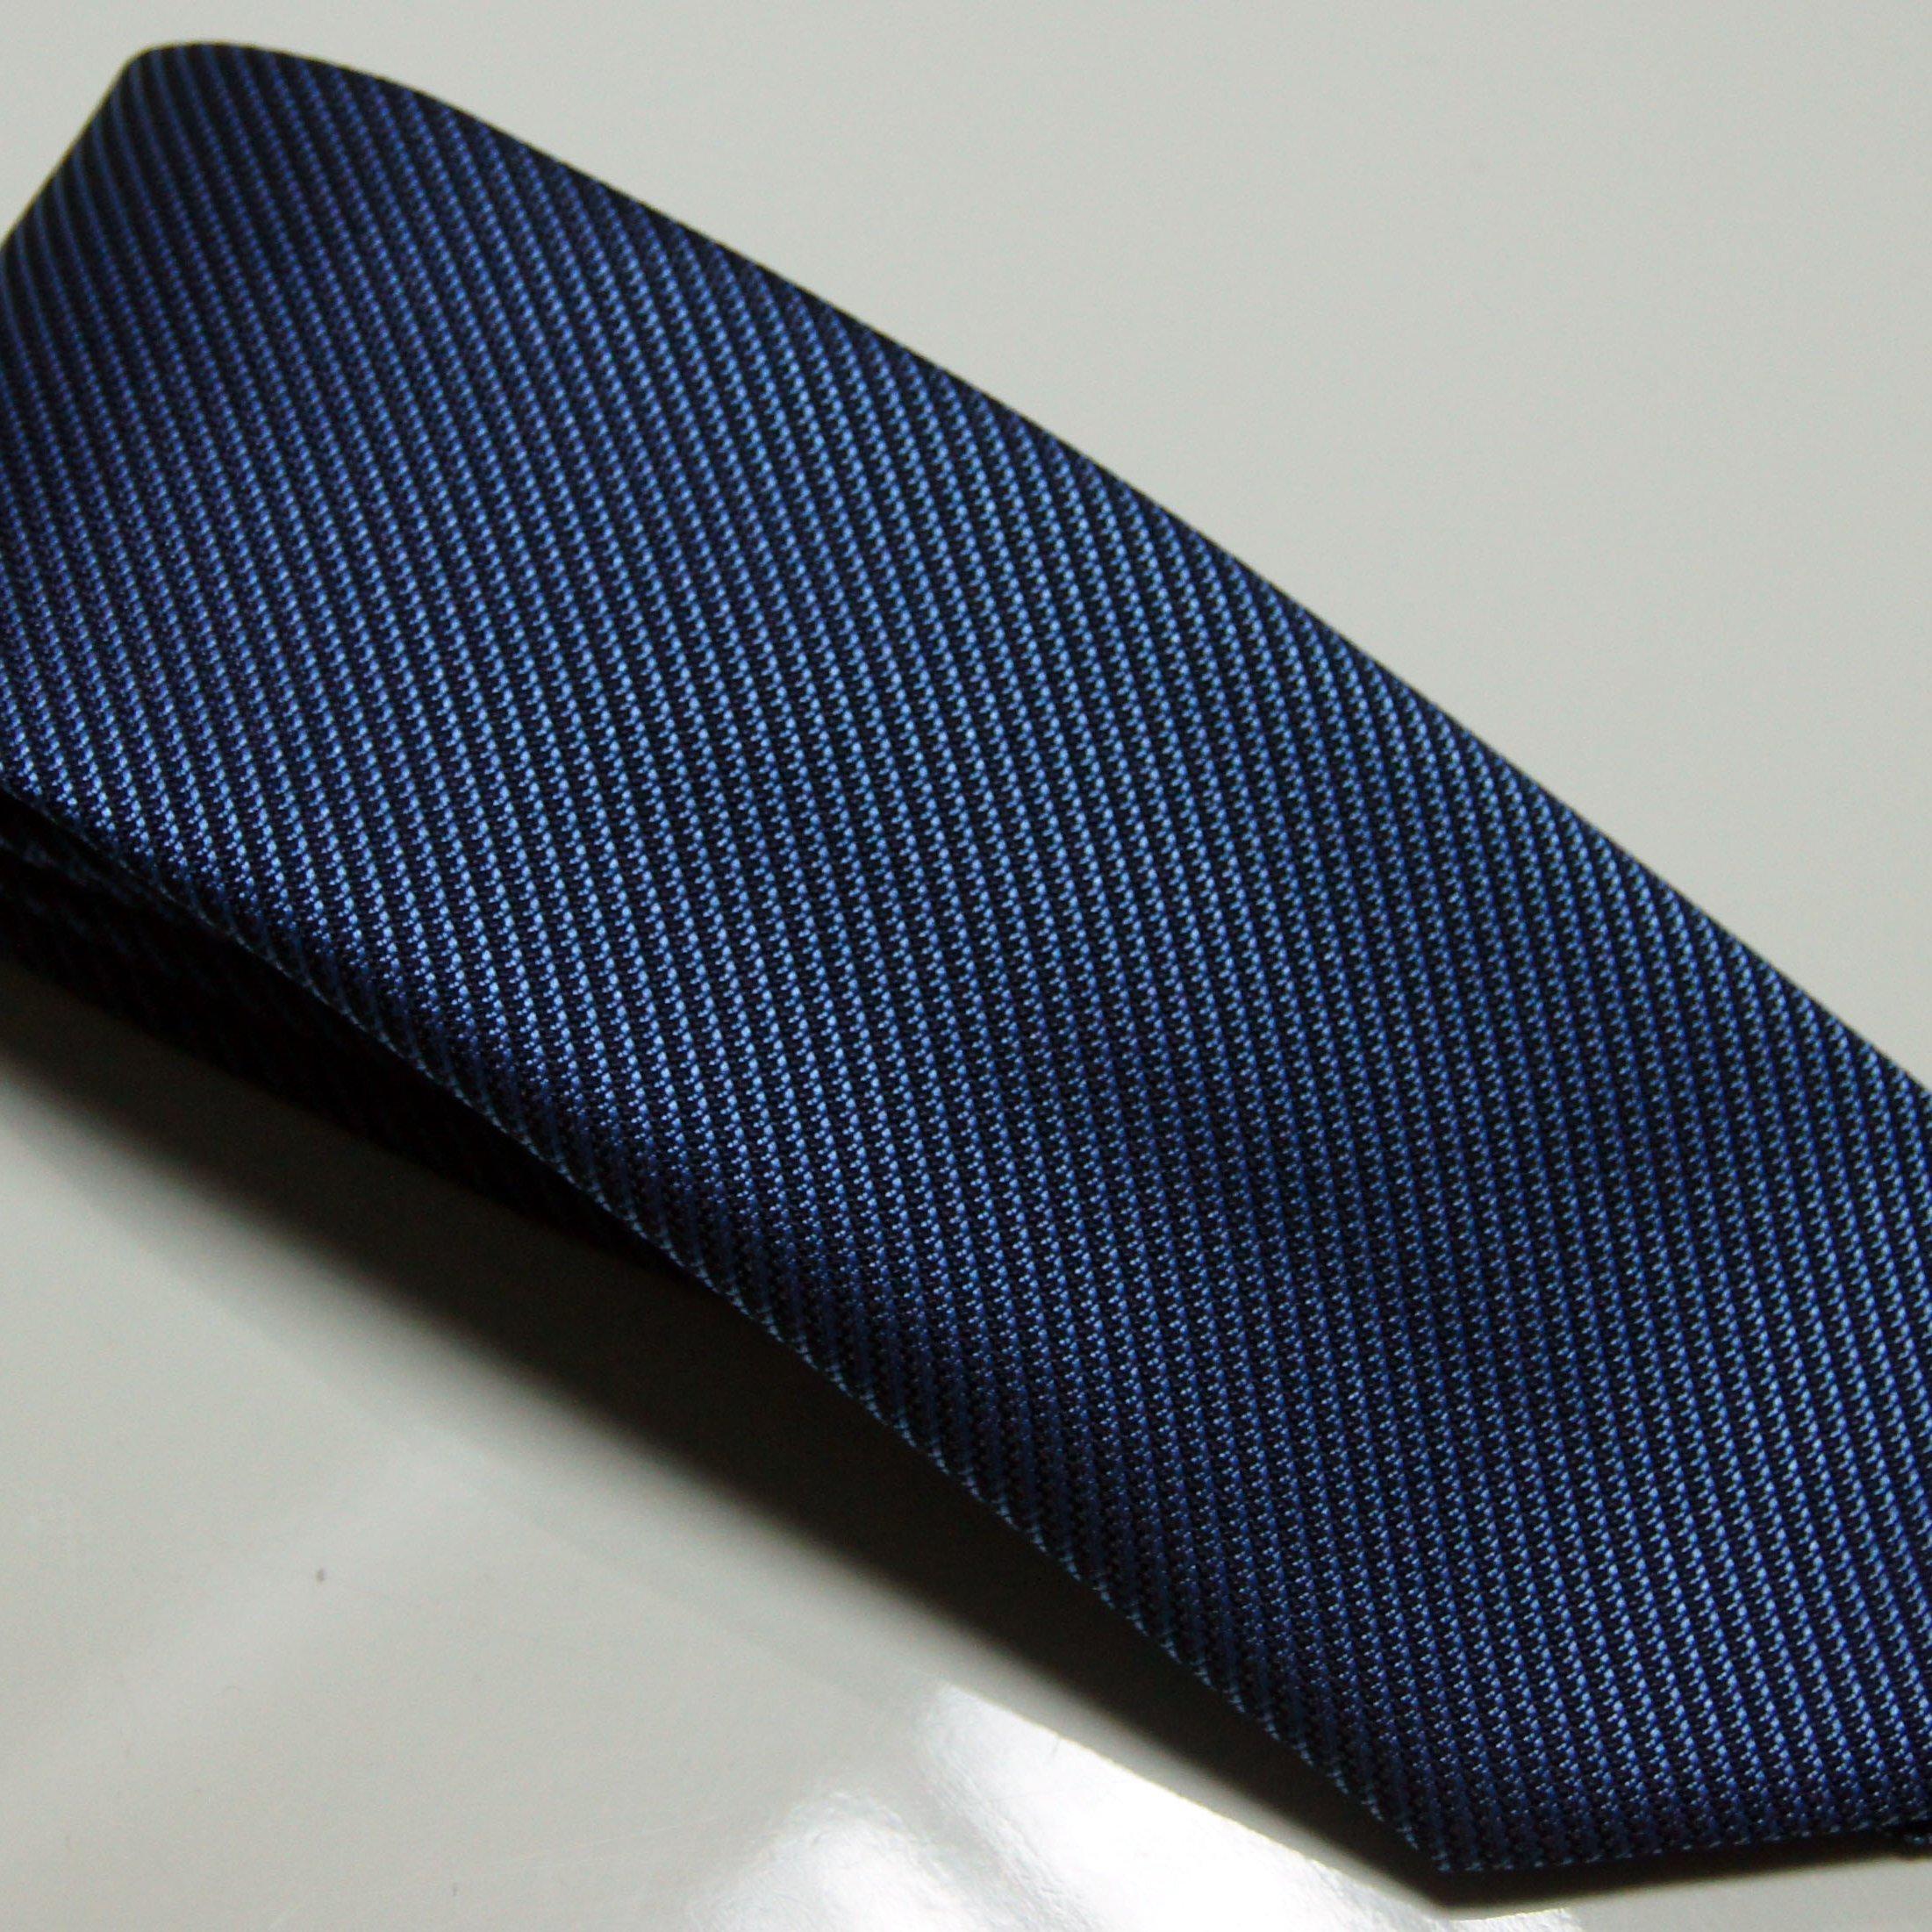 kravata #168 - muske kravate cene, kravata za vencanje, svadbu, svadba, mladozenja, mladozenje, odela za mladozenje